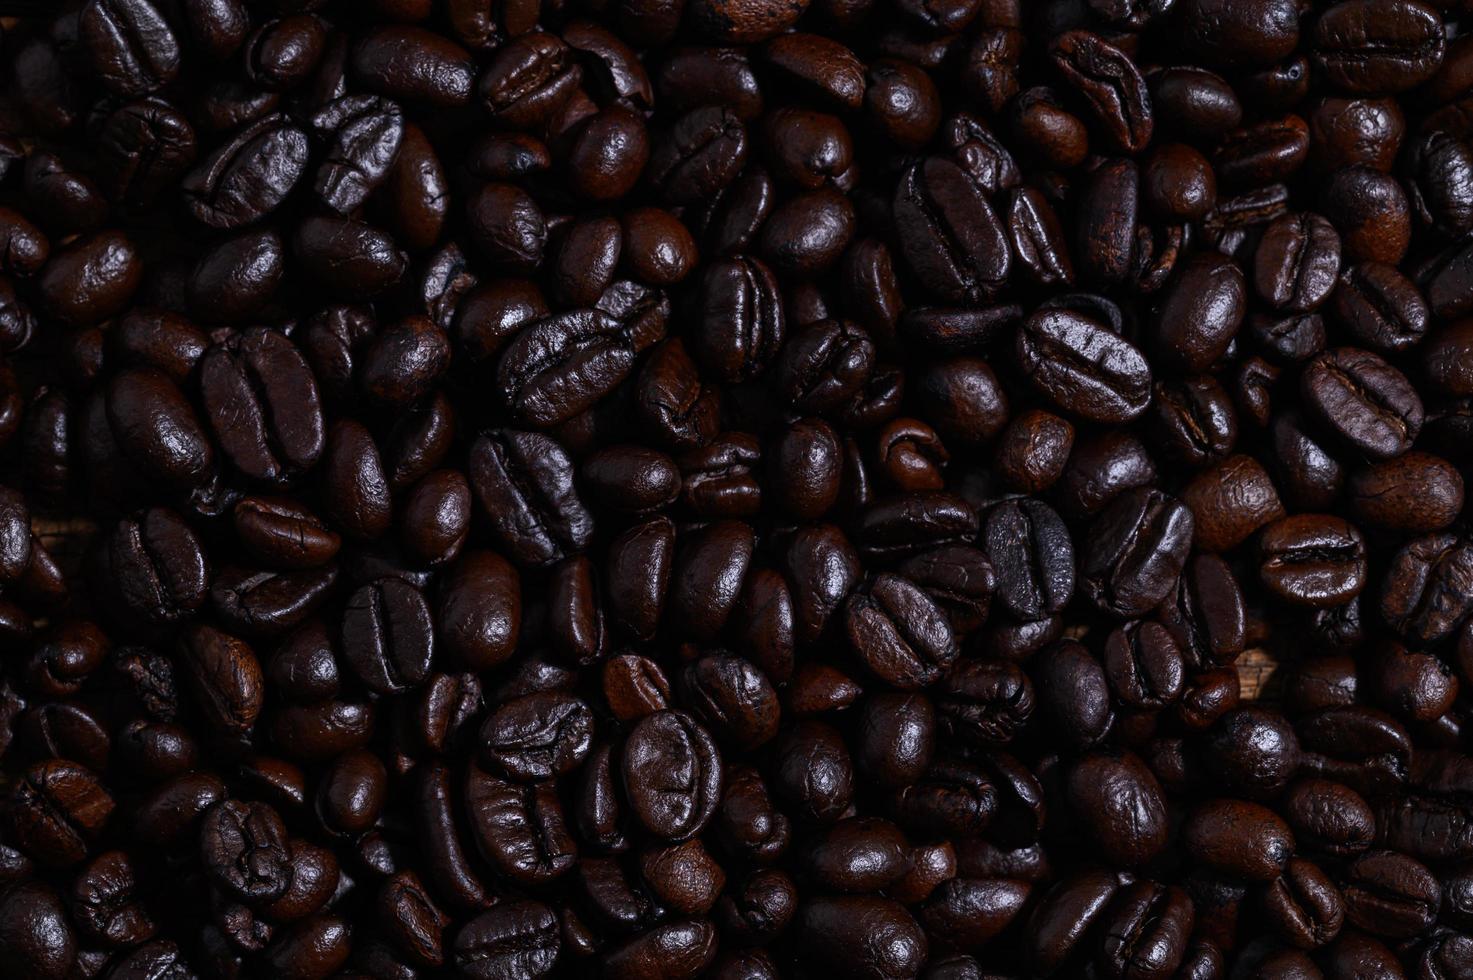 vista superior de granos de cafe foto